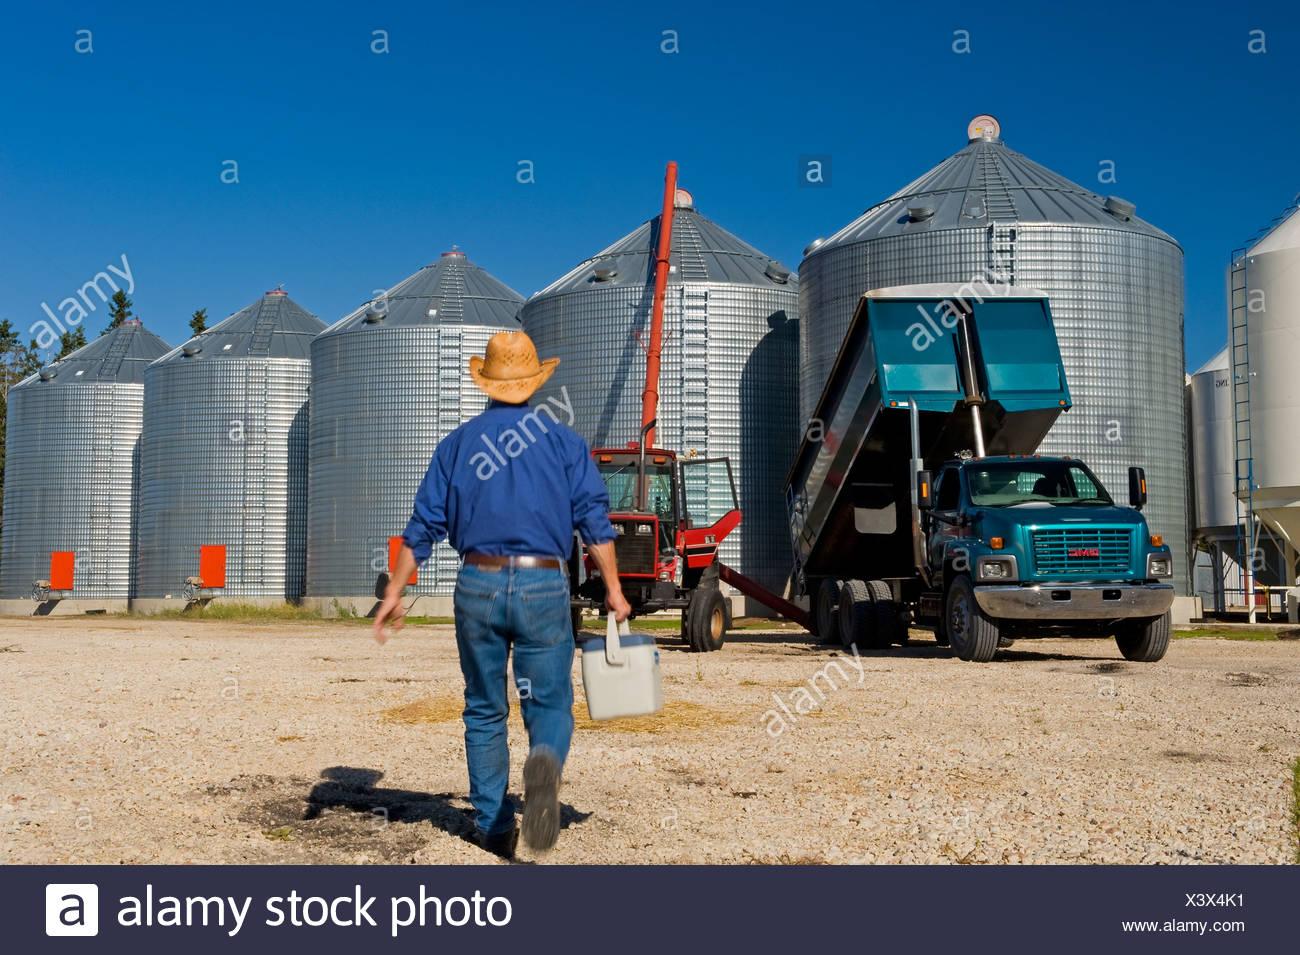 Bauer mit einem Lunchpaket geht auf seinem LKW beim Entladen Korn in Lagerplätze in der Nähe von Dugald, Manitoba, Kanada Stockbild